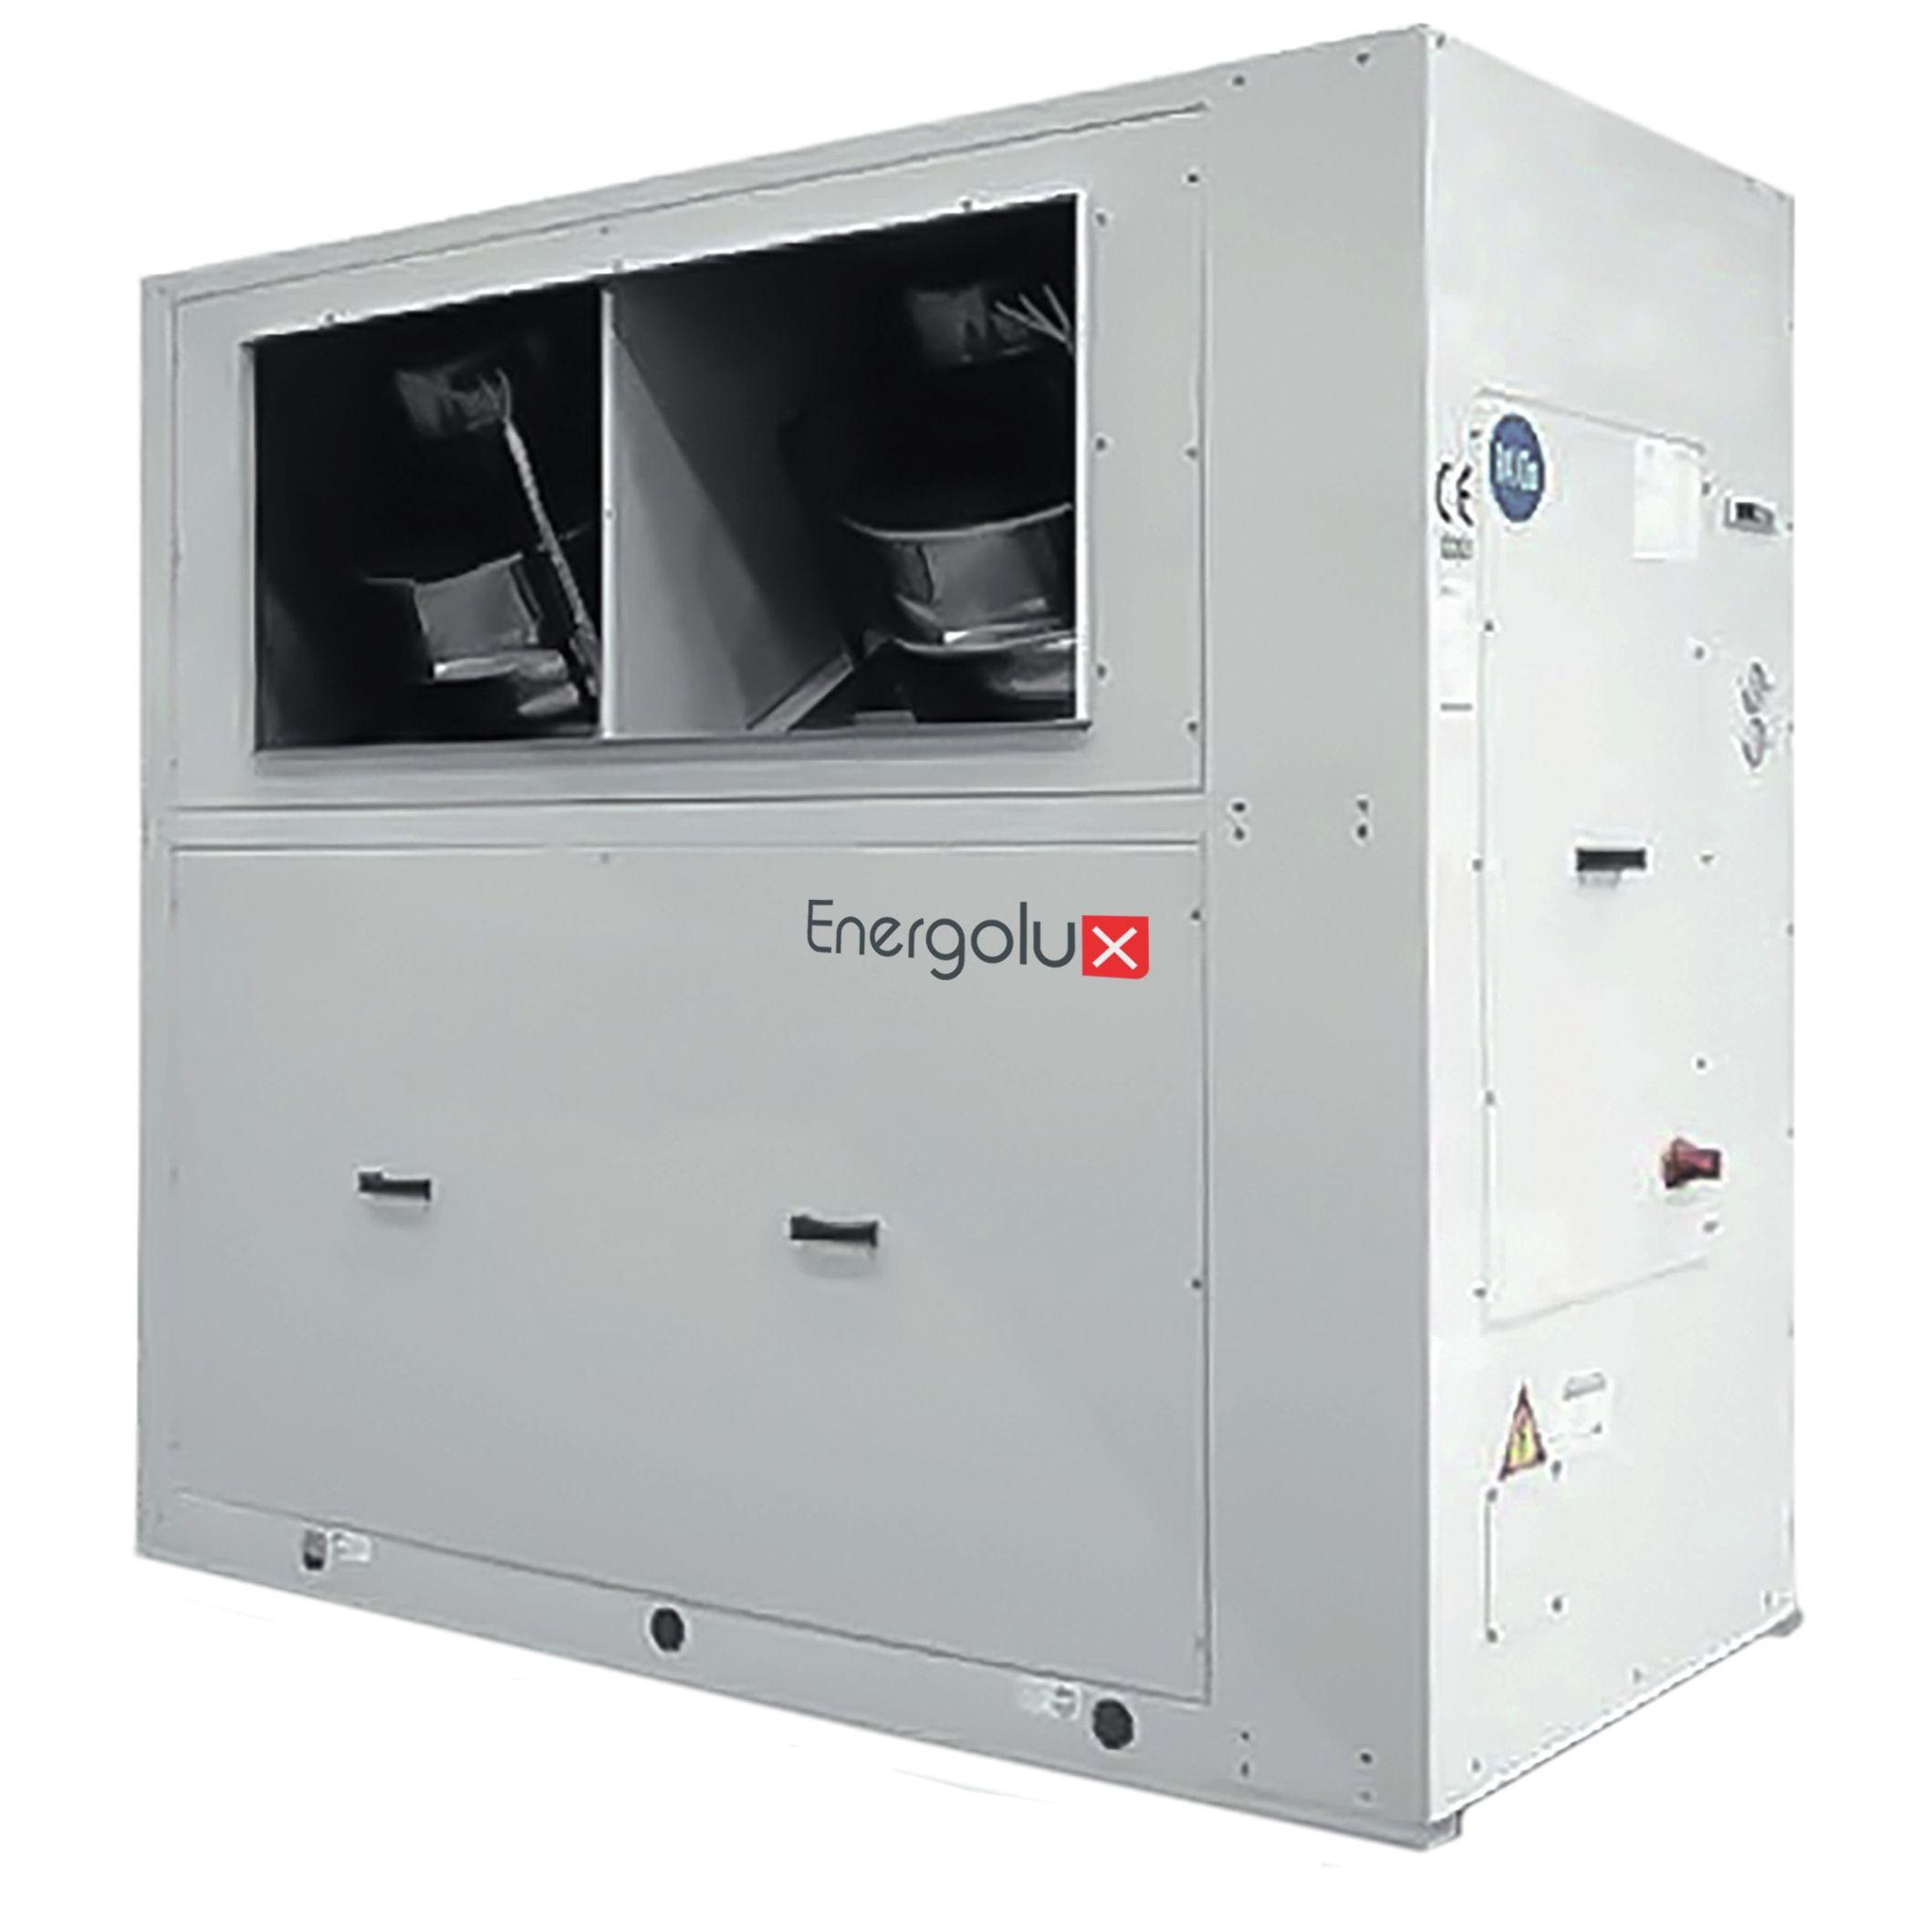 Energolux SCAW-I-T 1140 Z